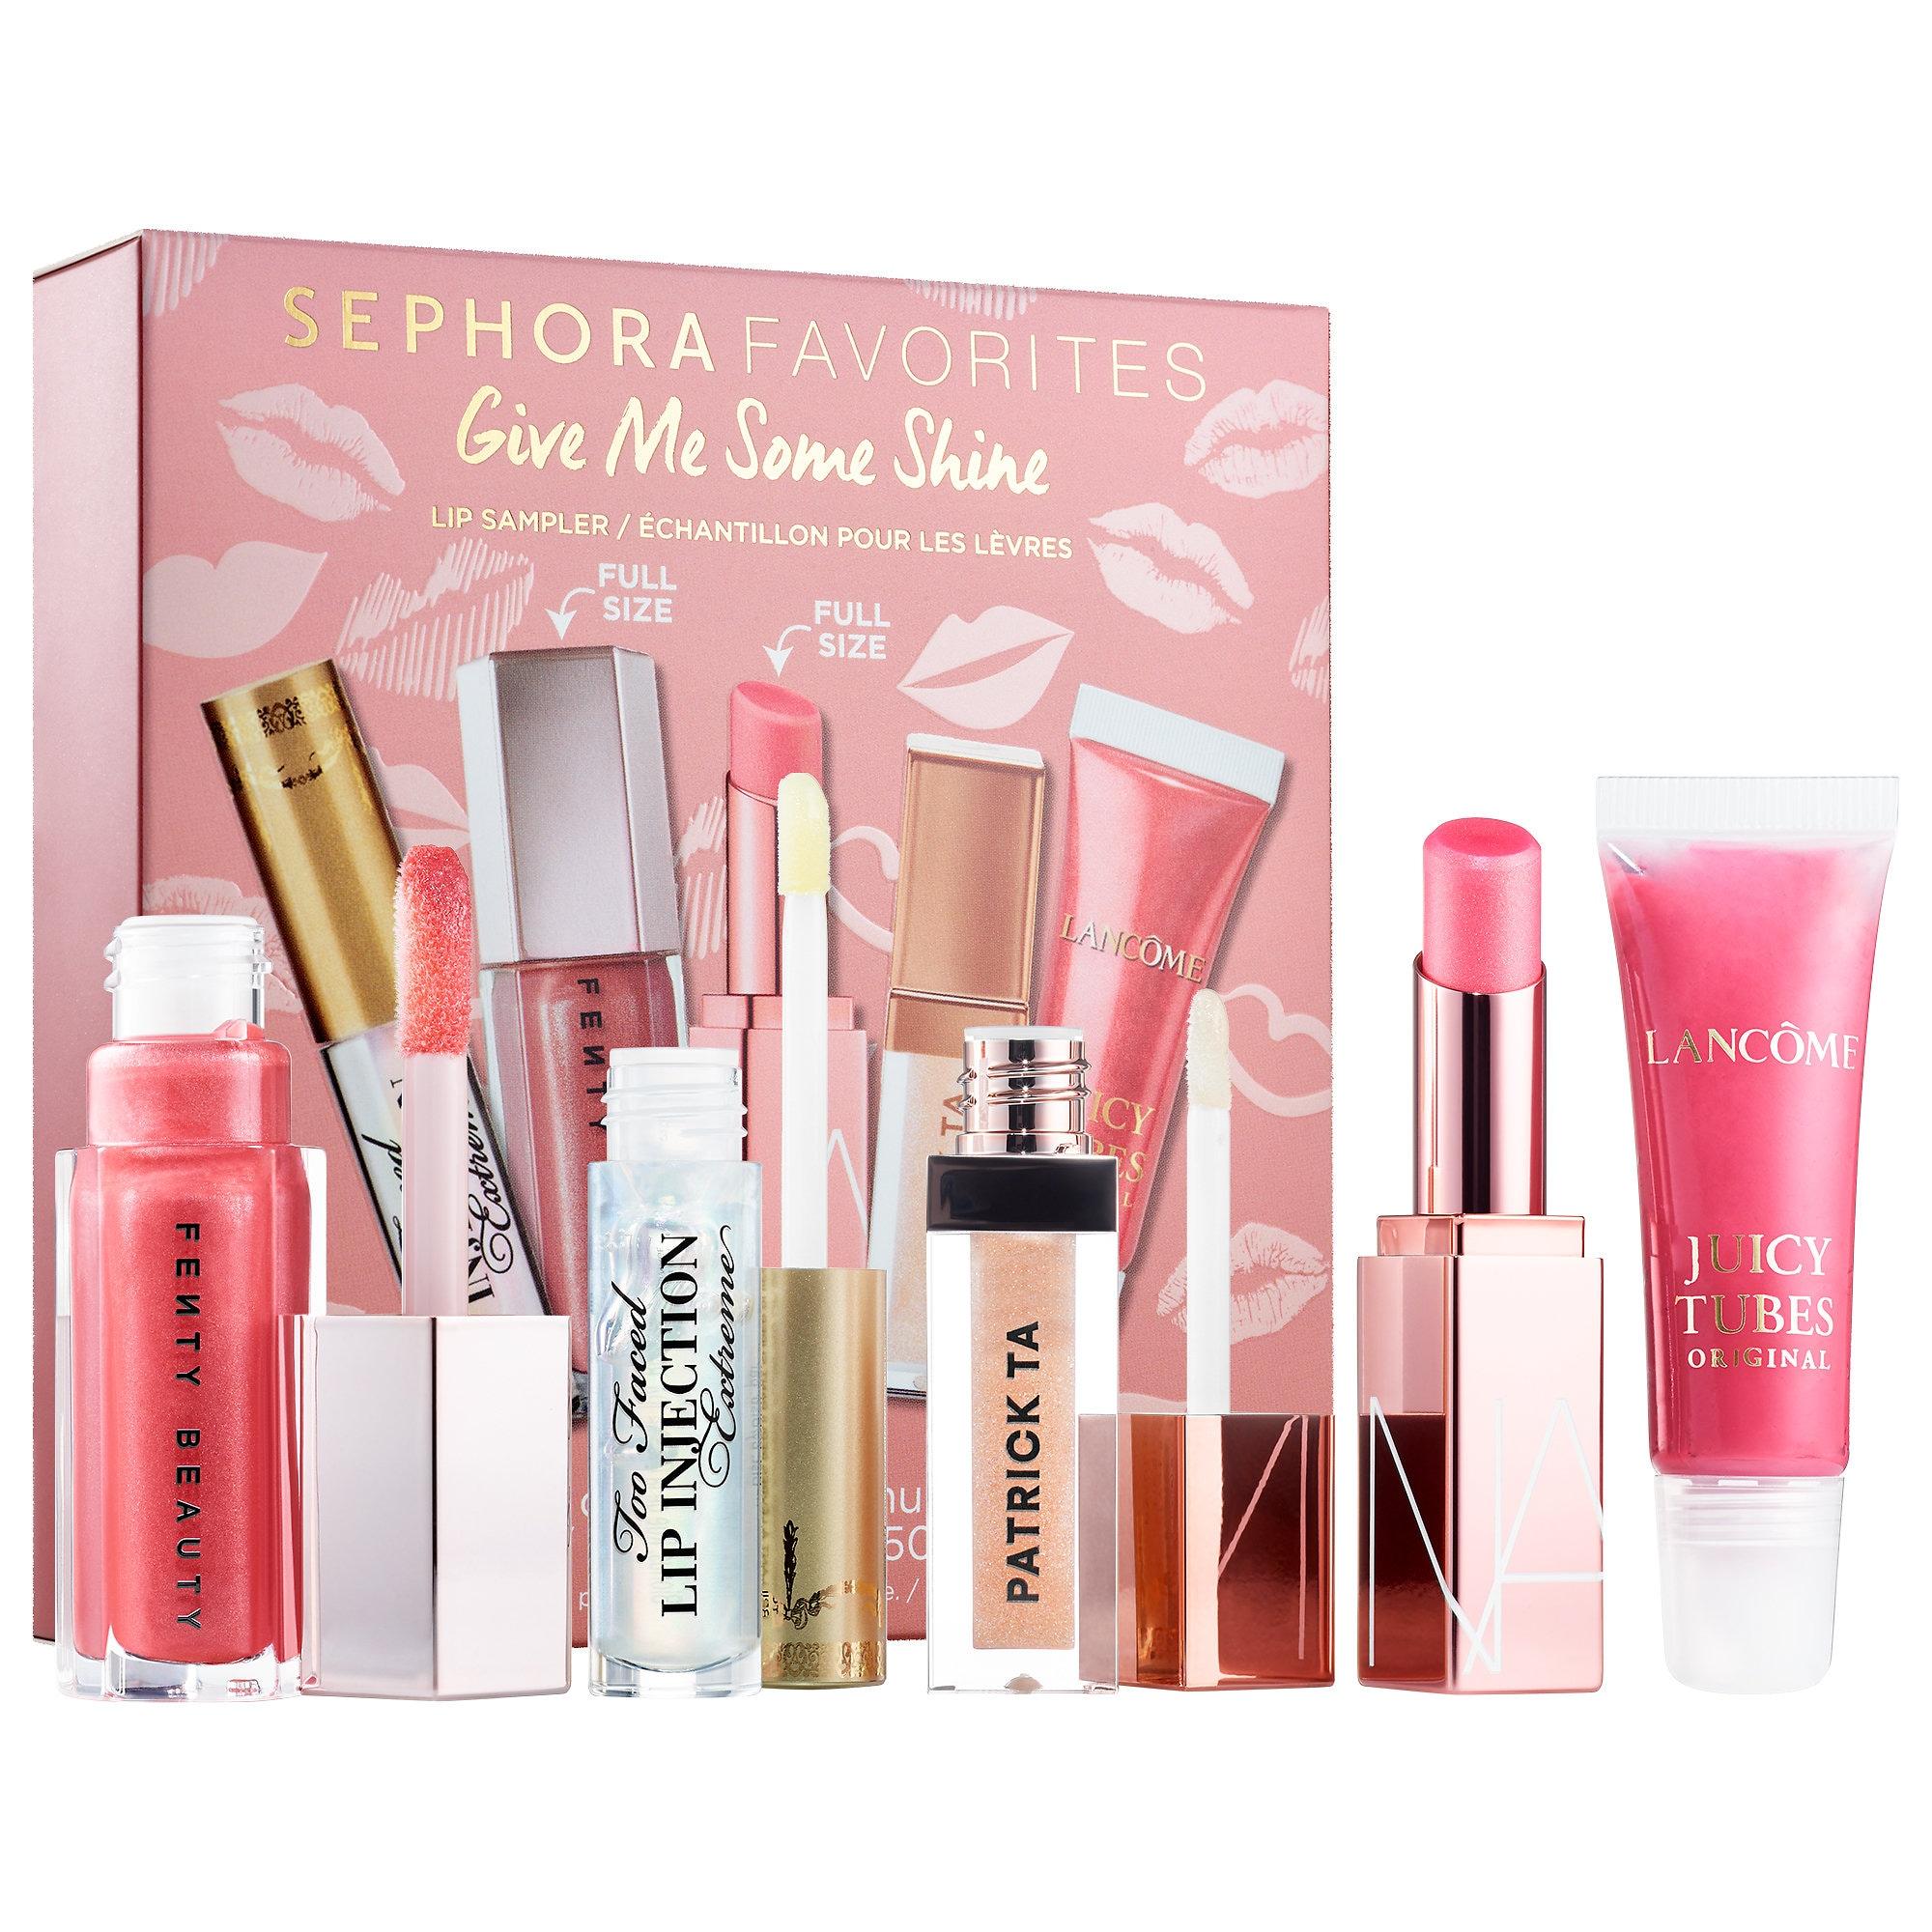 Sephora - Give Me Some Shine Balm and Gloss Lip Set